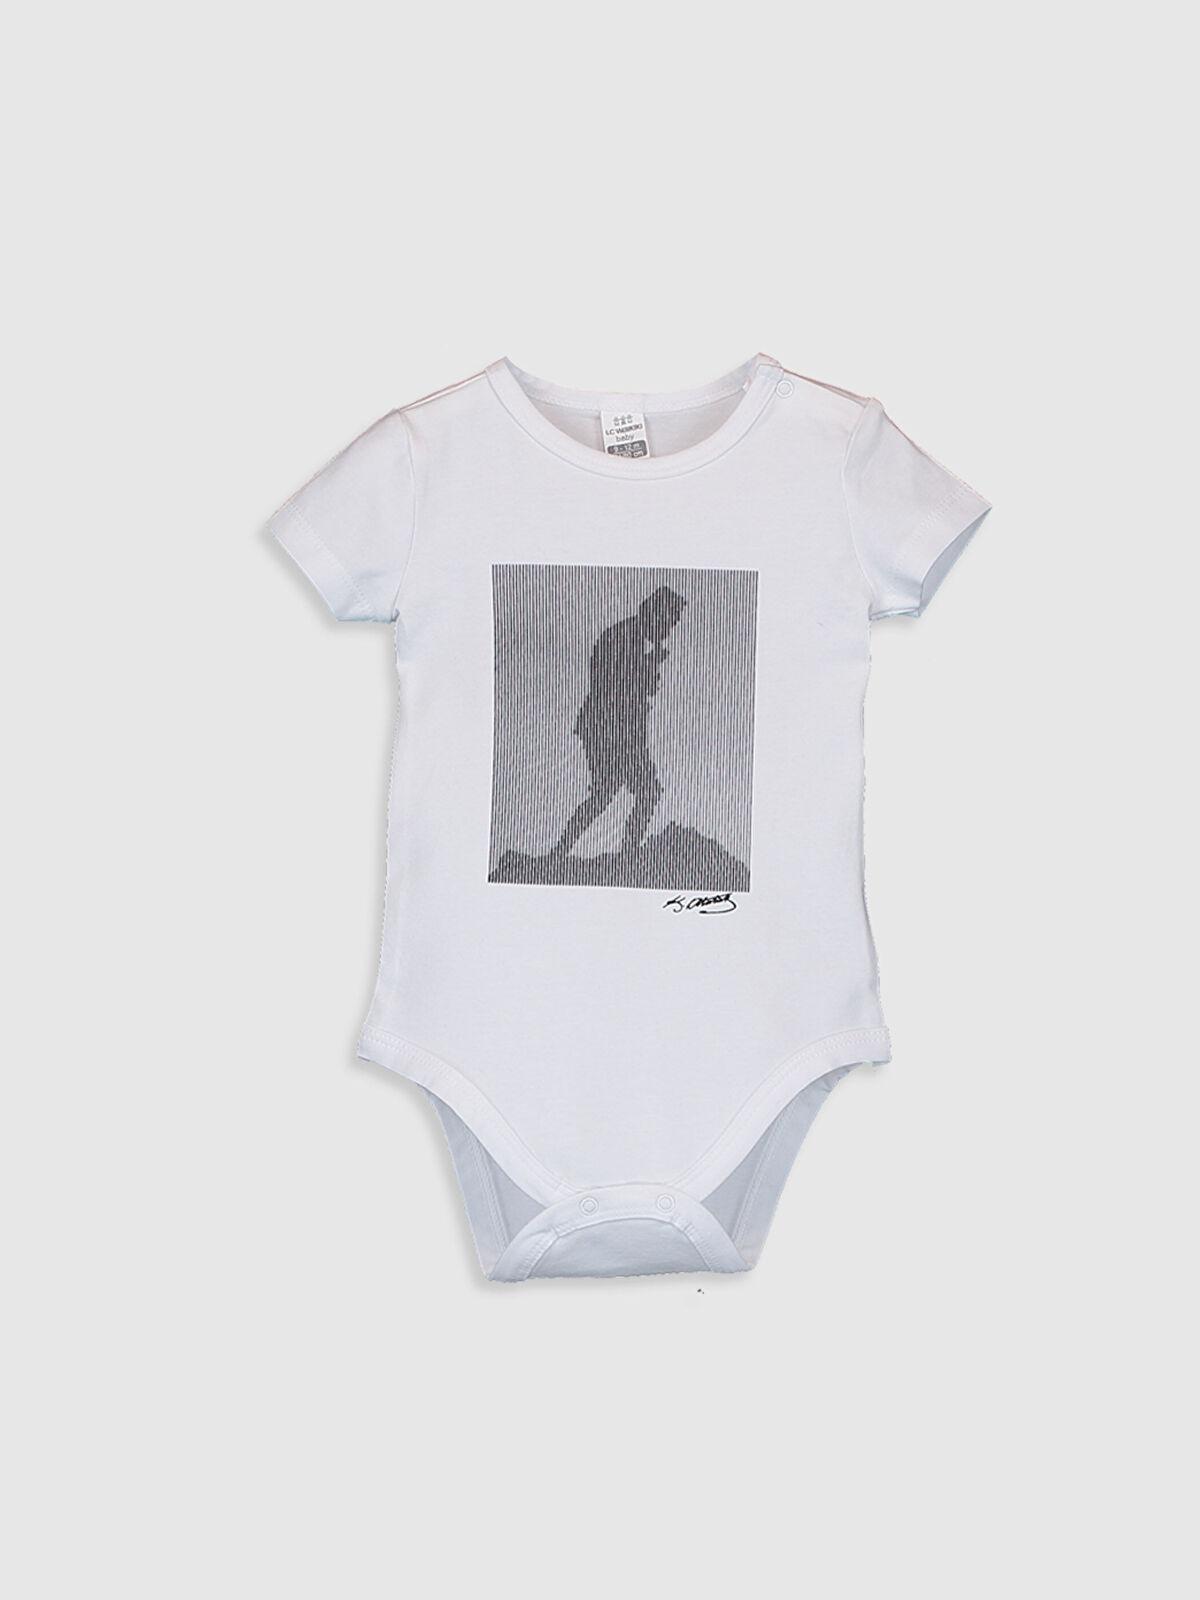 Aile Koleksiyonu Erkek Bebek Atatürk Baskılı Çıtçıtlı Body - LC WAIKIKI